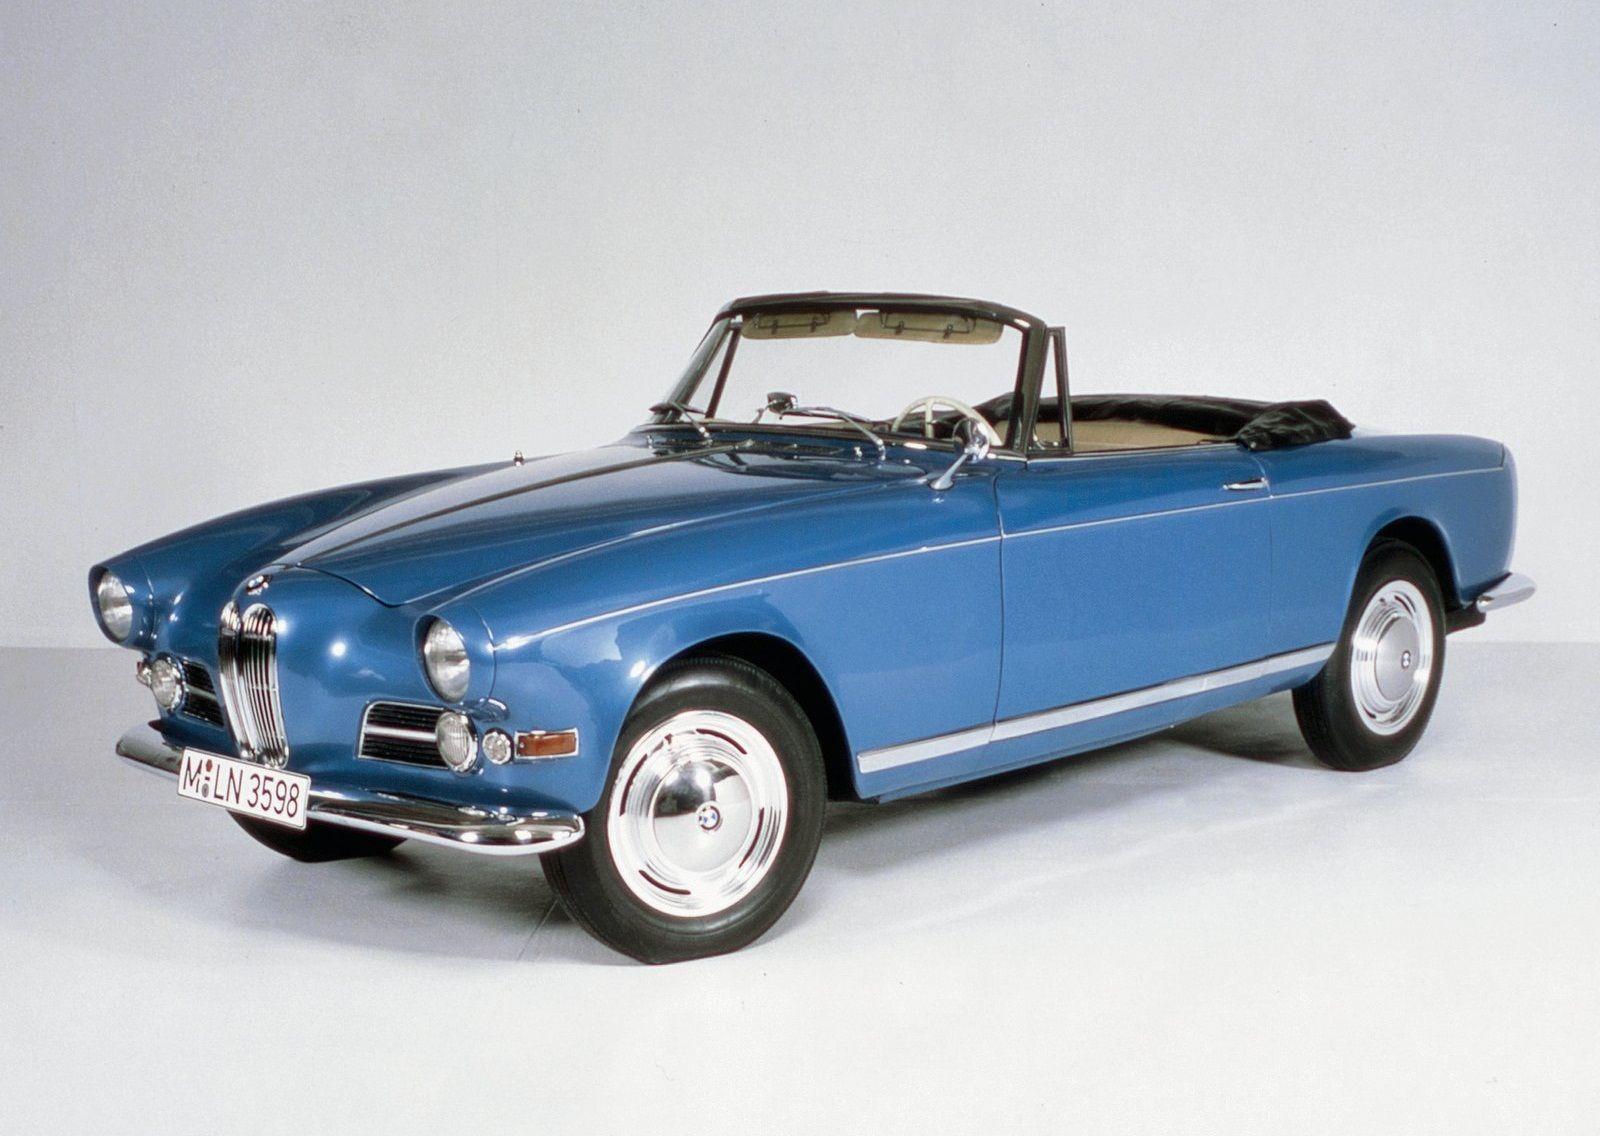 bmw fuel efficient car: 1956 BMW 503 Cabriolet Used Cars | 1956, My ...